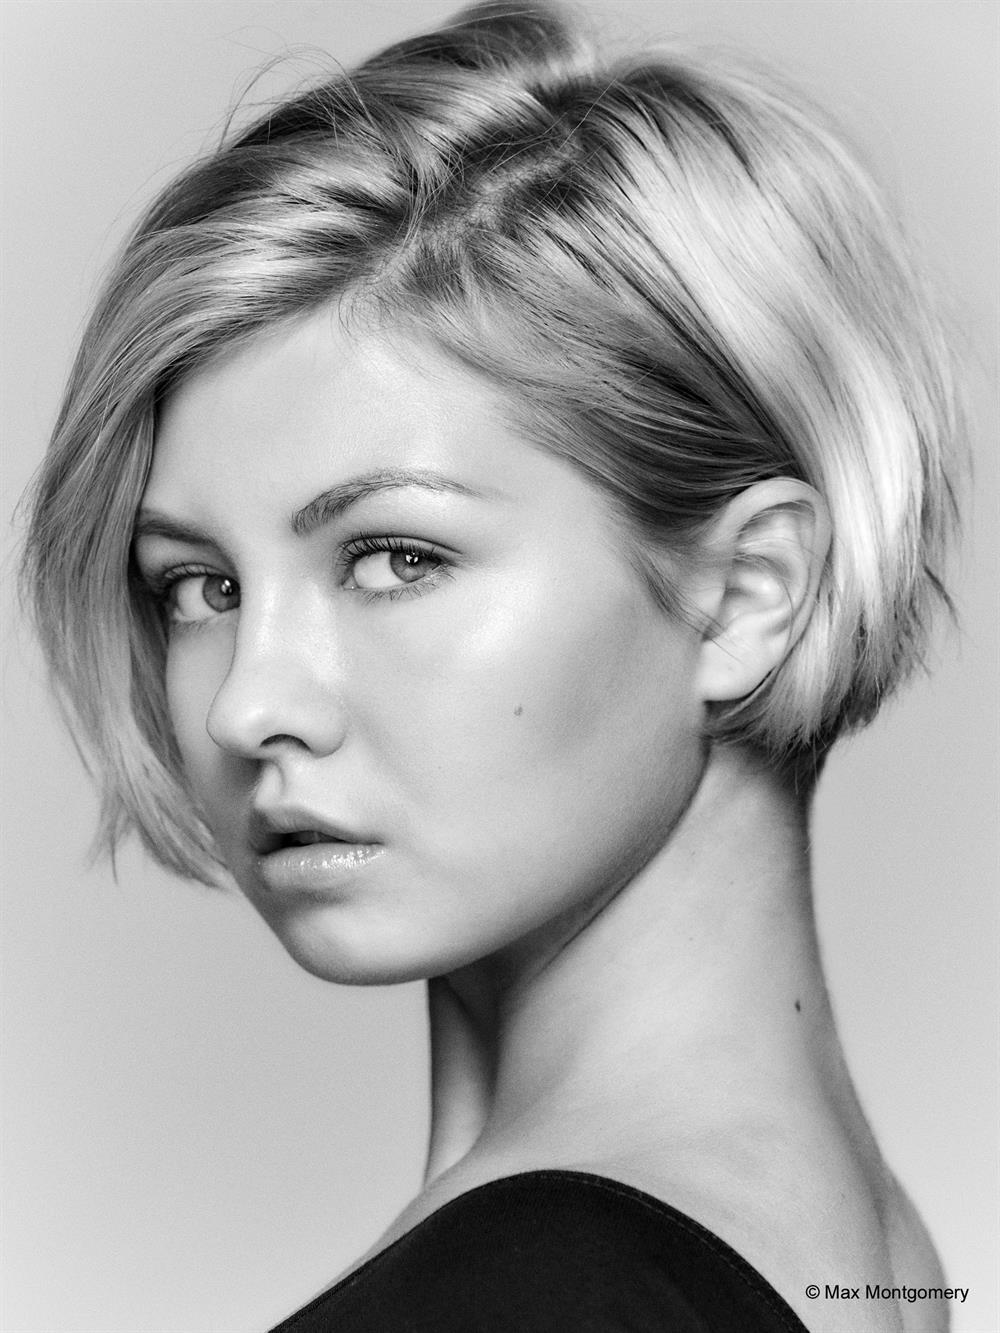 Jennifer Daschner